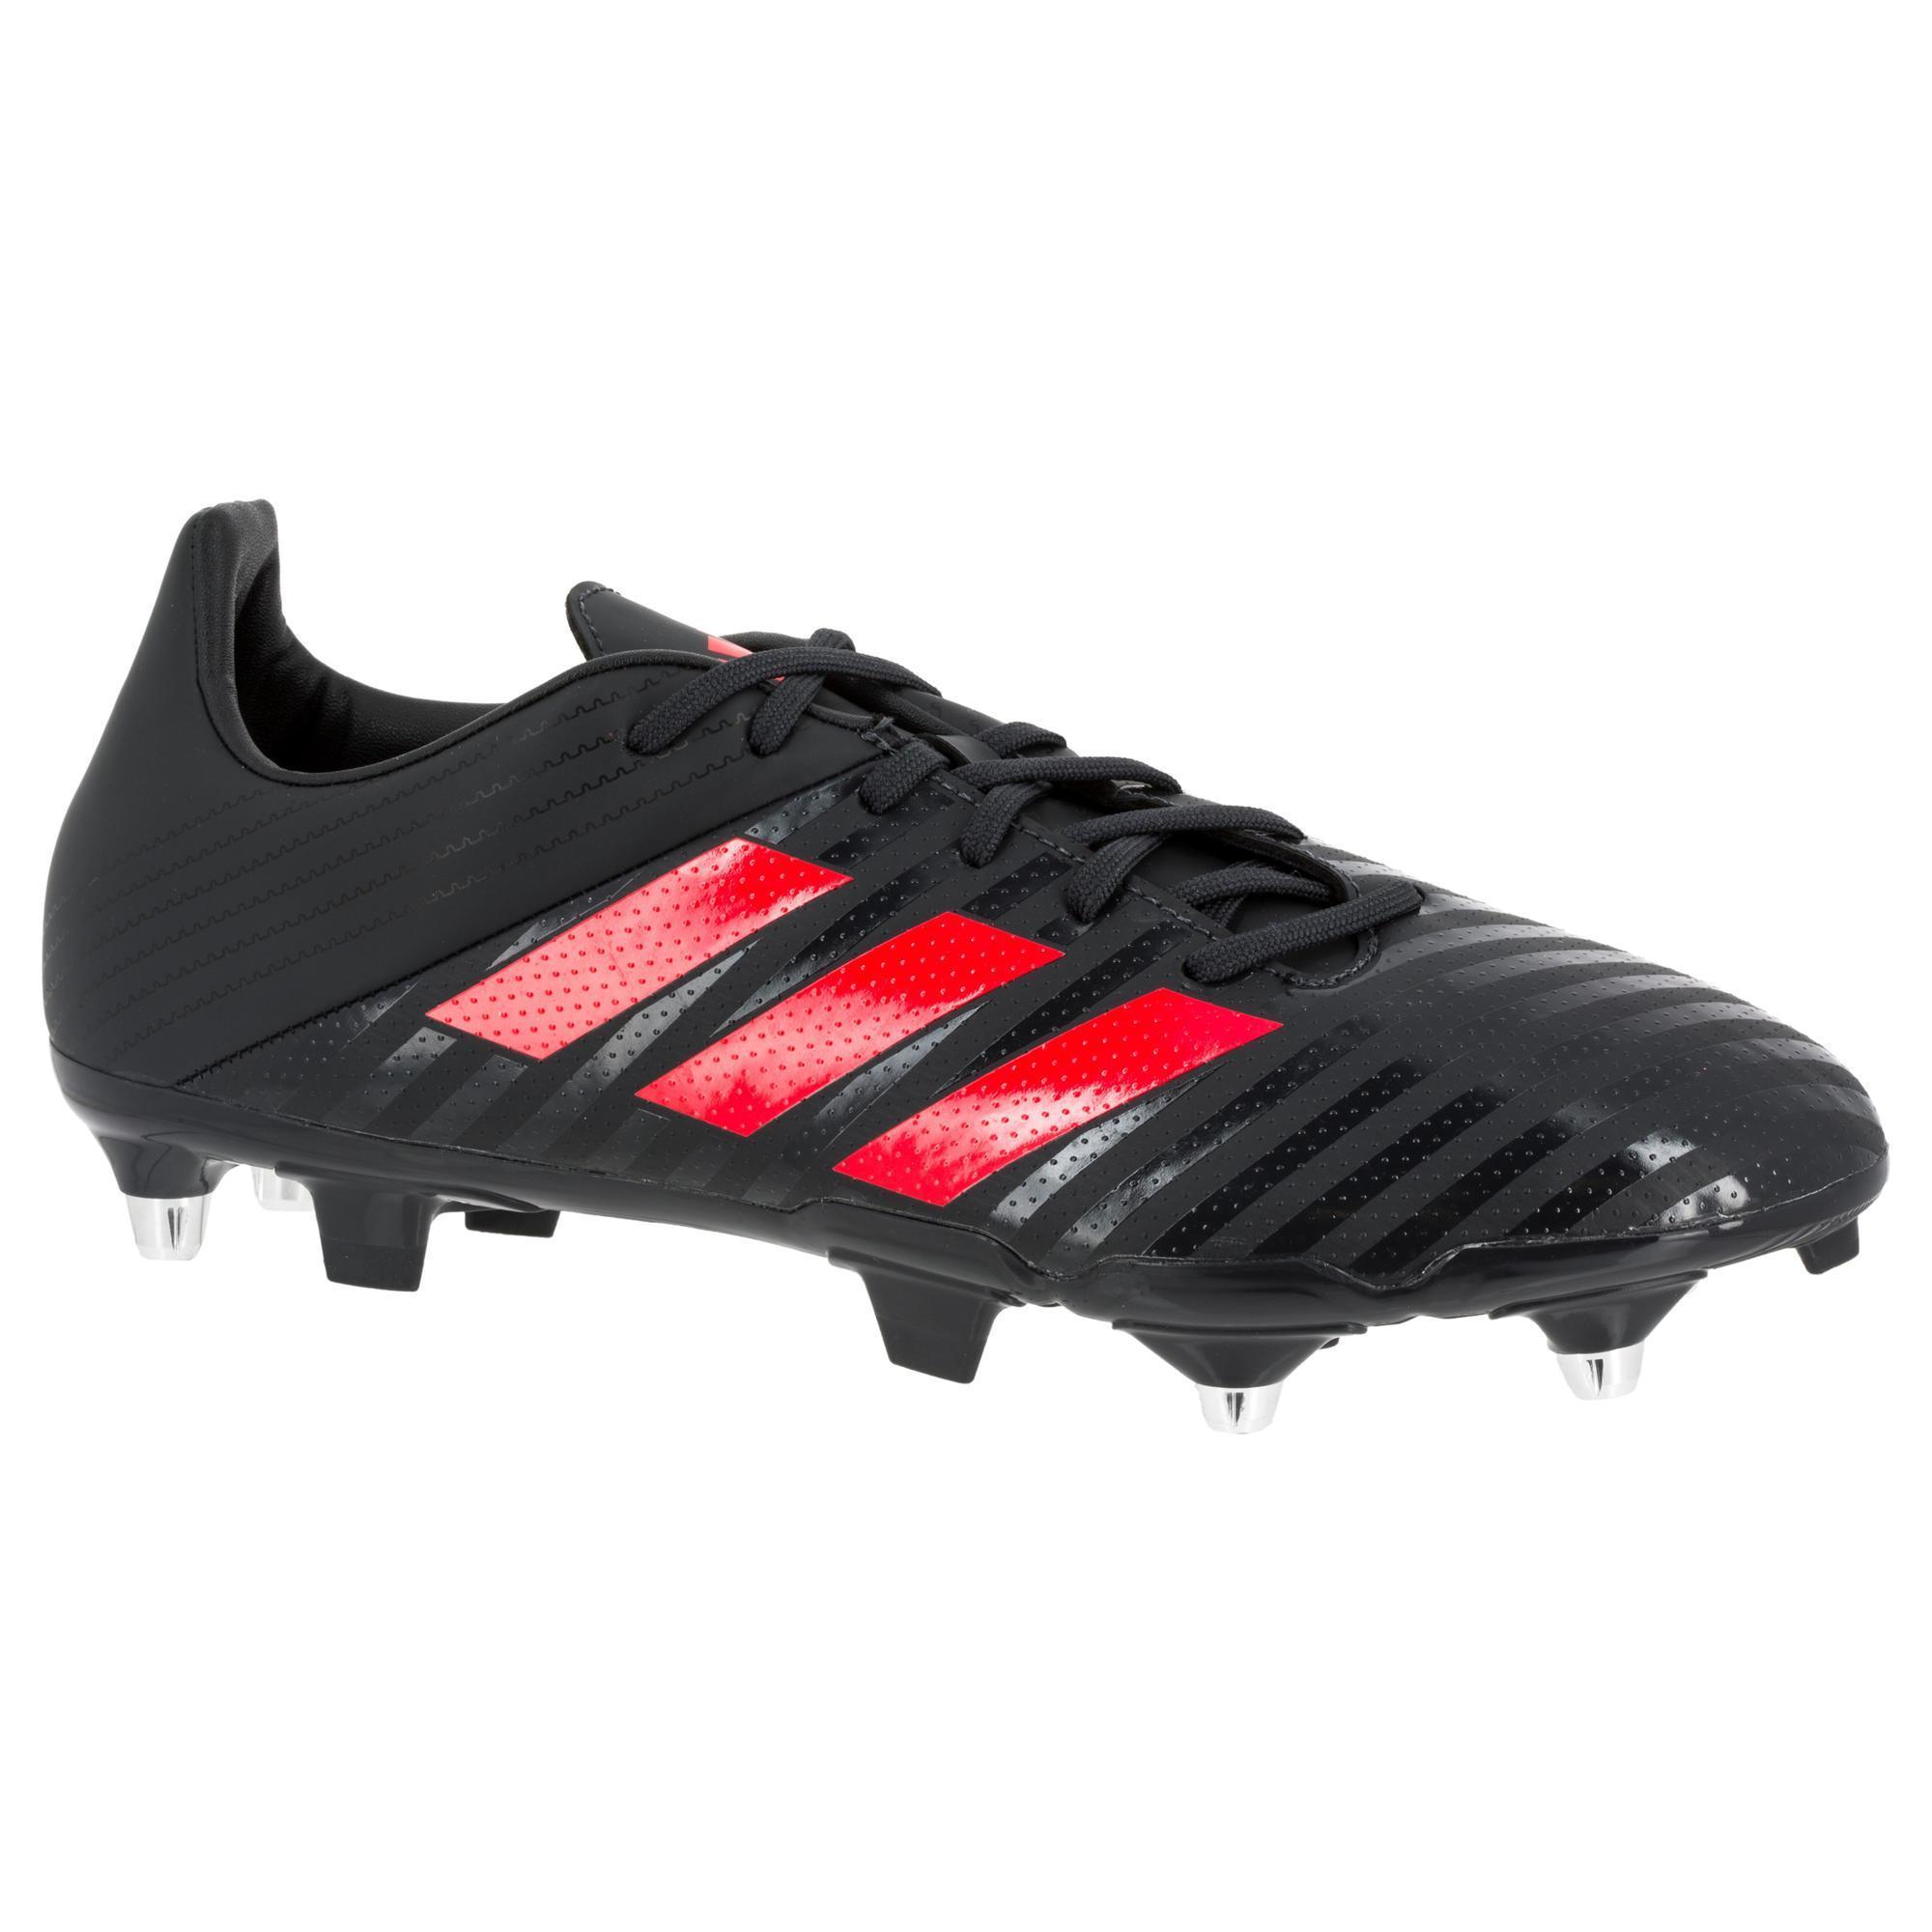 Comprar botas de rugby para adultos y niños  c3de63a9906c5